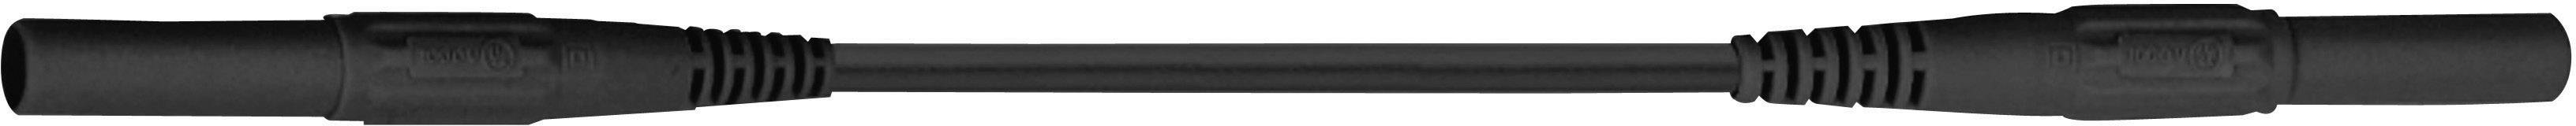 Merací kábel Multicontact XMF-419, 2,5 mm², 1 m, čierny